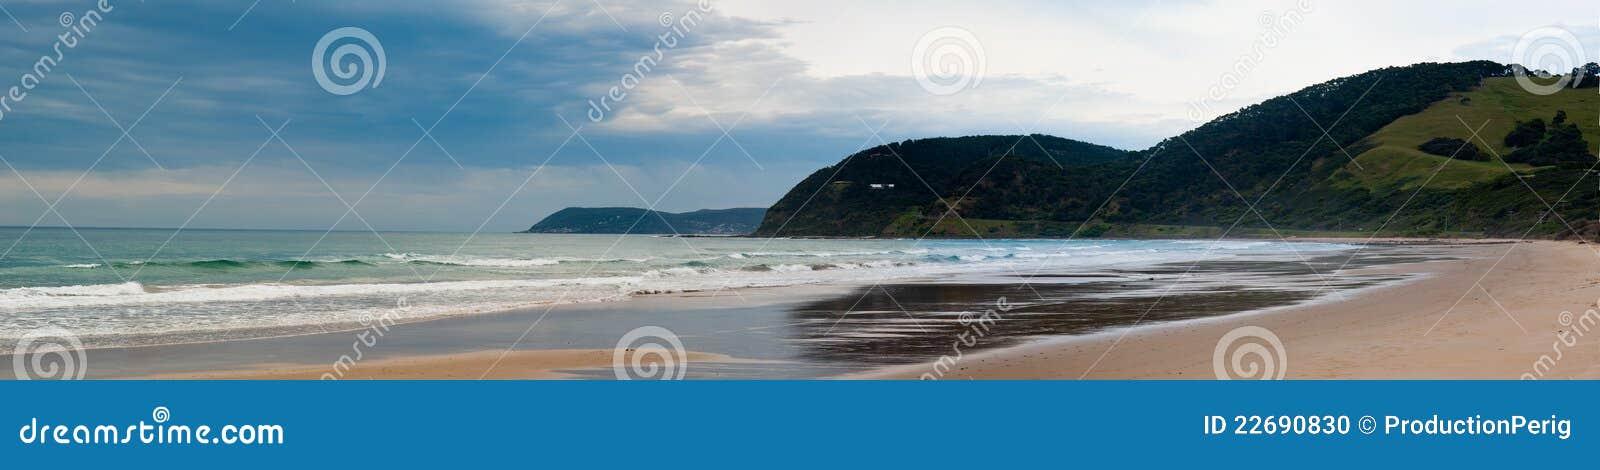 澳洲海滩torquay